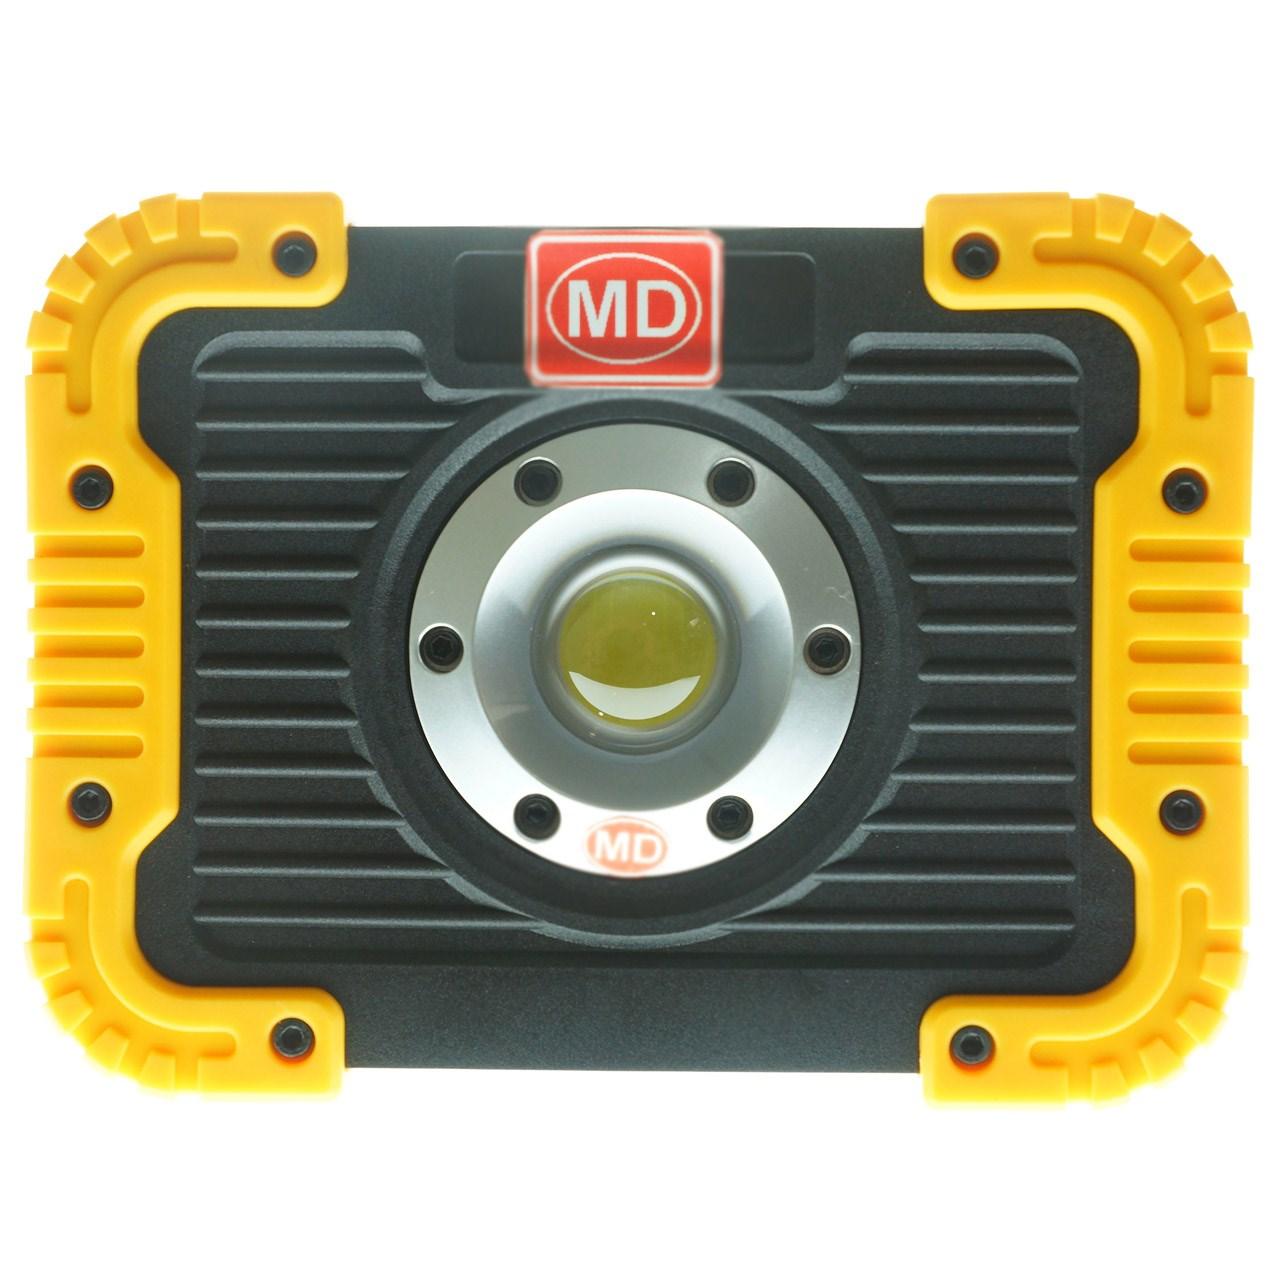 نور افکن شارژی ام دی مدل MD2000